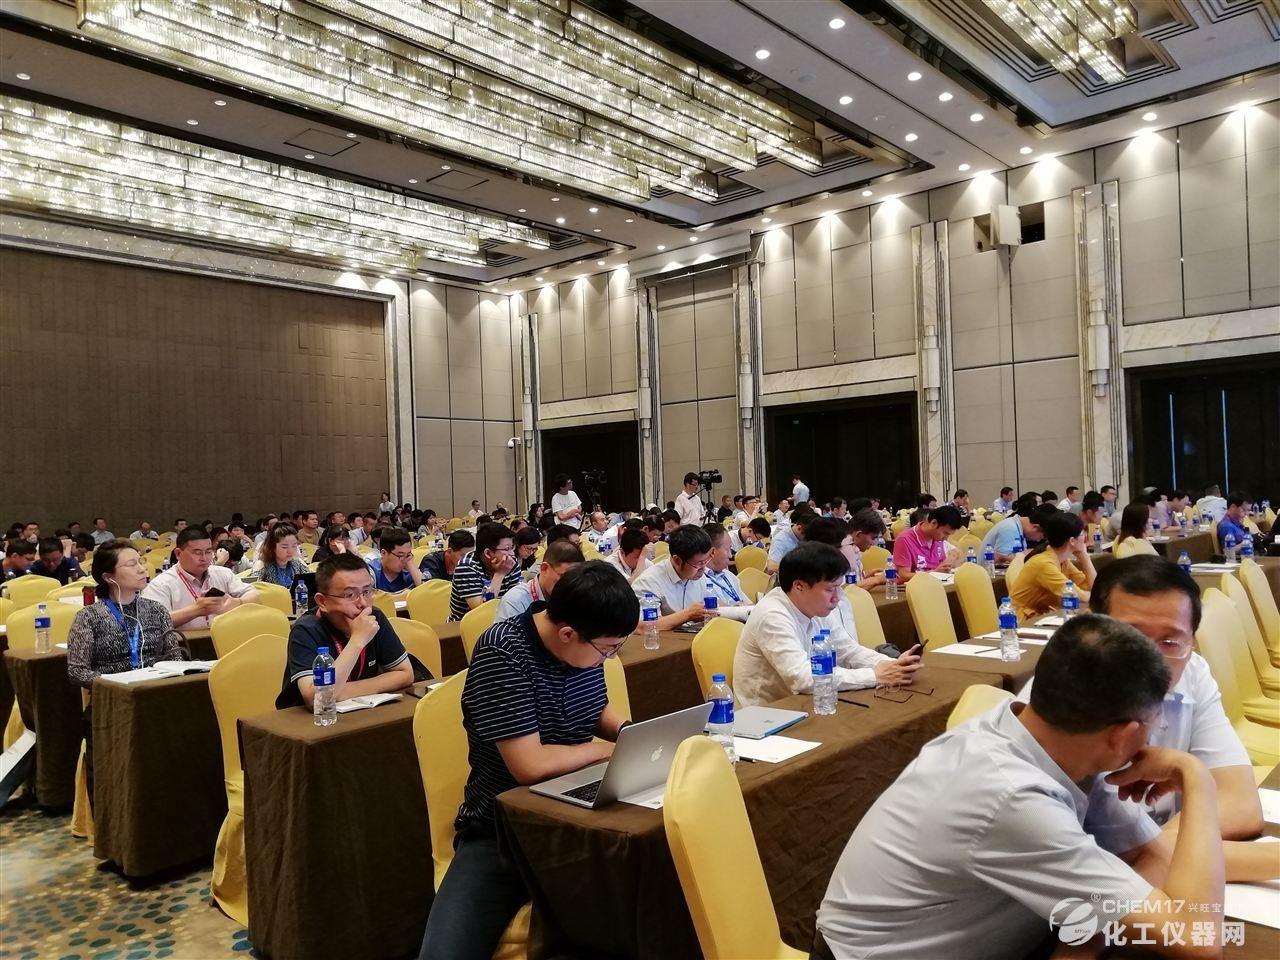 楊鵬宇:開放科技資源服務國産儀器行業新模式研究與探索